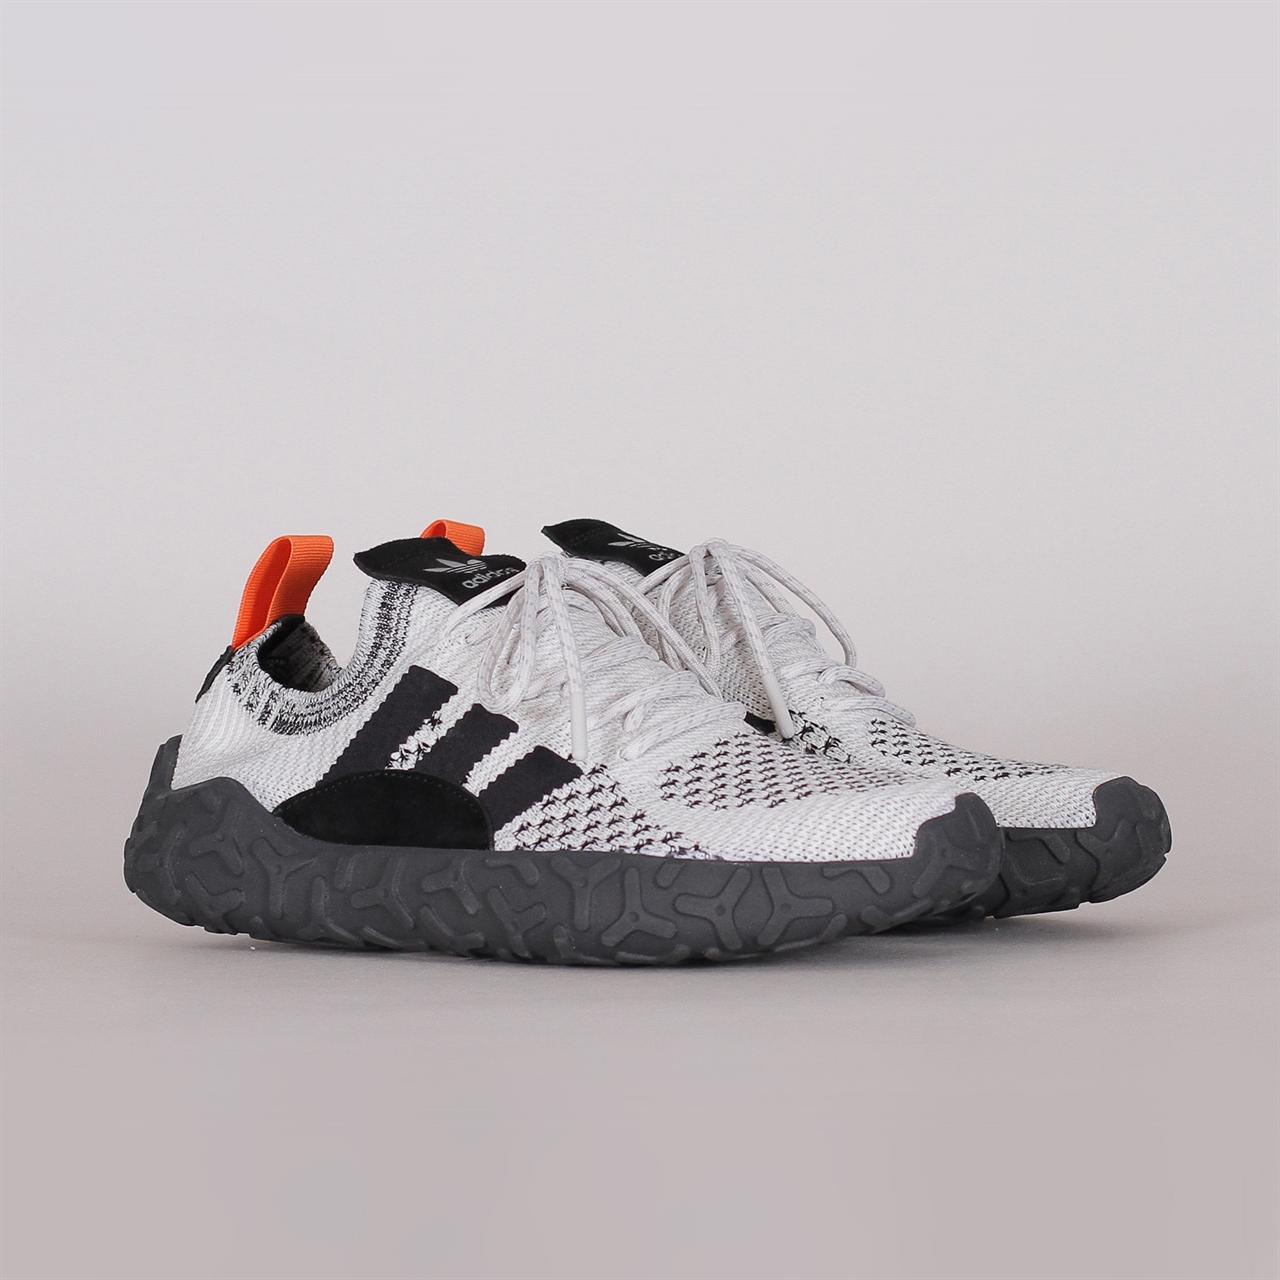 finest selection a7a43 4ef90 Shelta - Adidas Originals F22 PK (CQ3025)